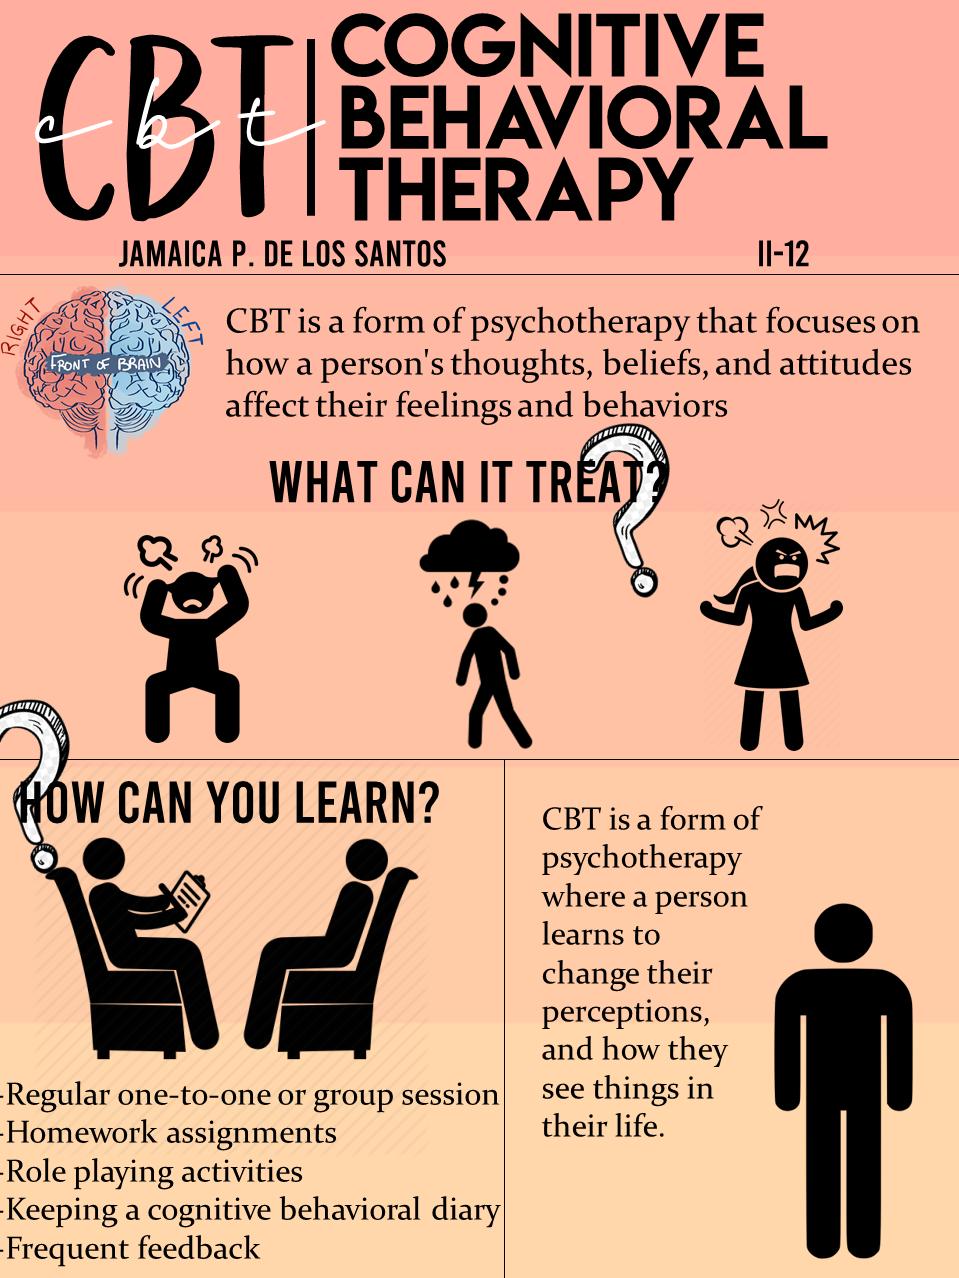 Cognitive Behavioral Therapy Behavioral Therapy Cognitive Behavioral Therapy Child Psychotherapy